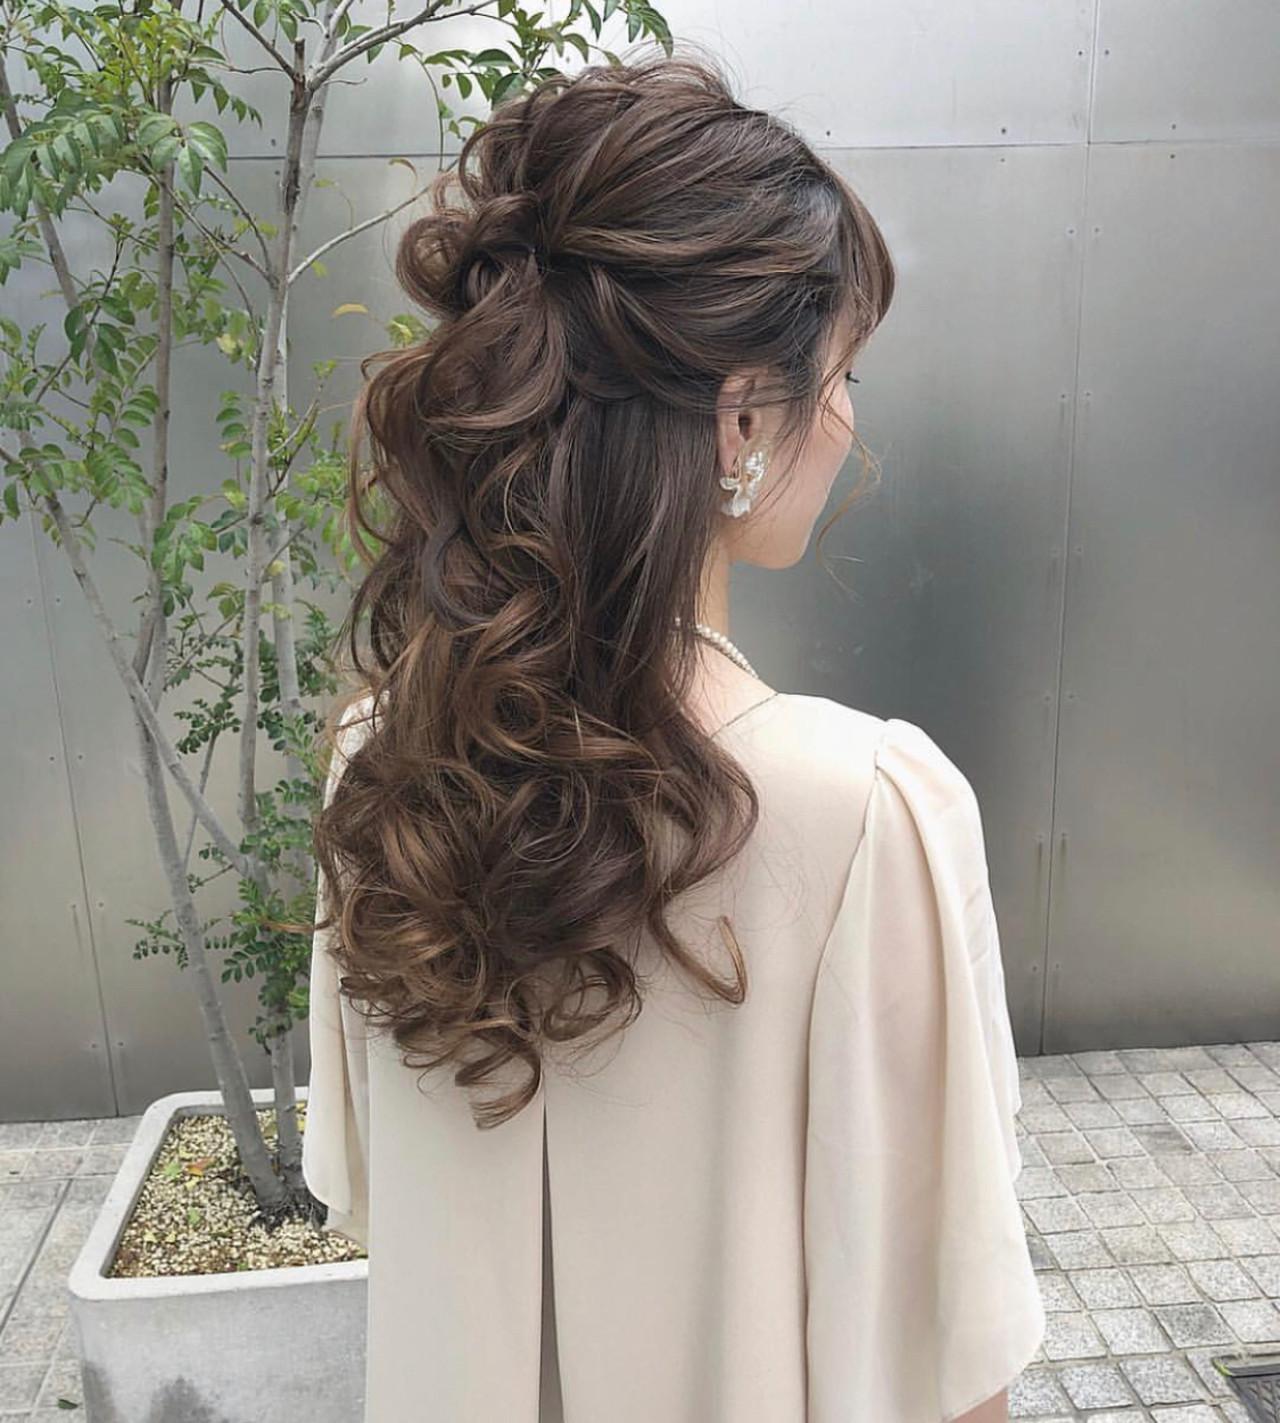 フェミニン ロング ハーフアップ 大人可愛い ヘアスタイルや髪型の写真・画像